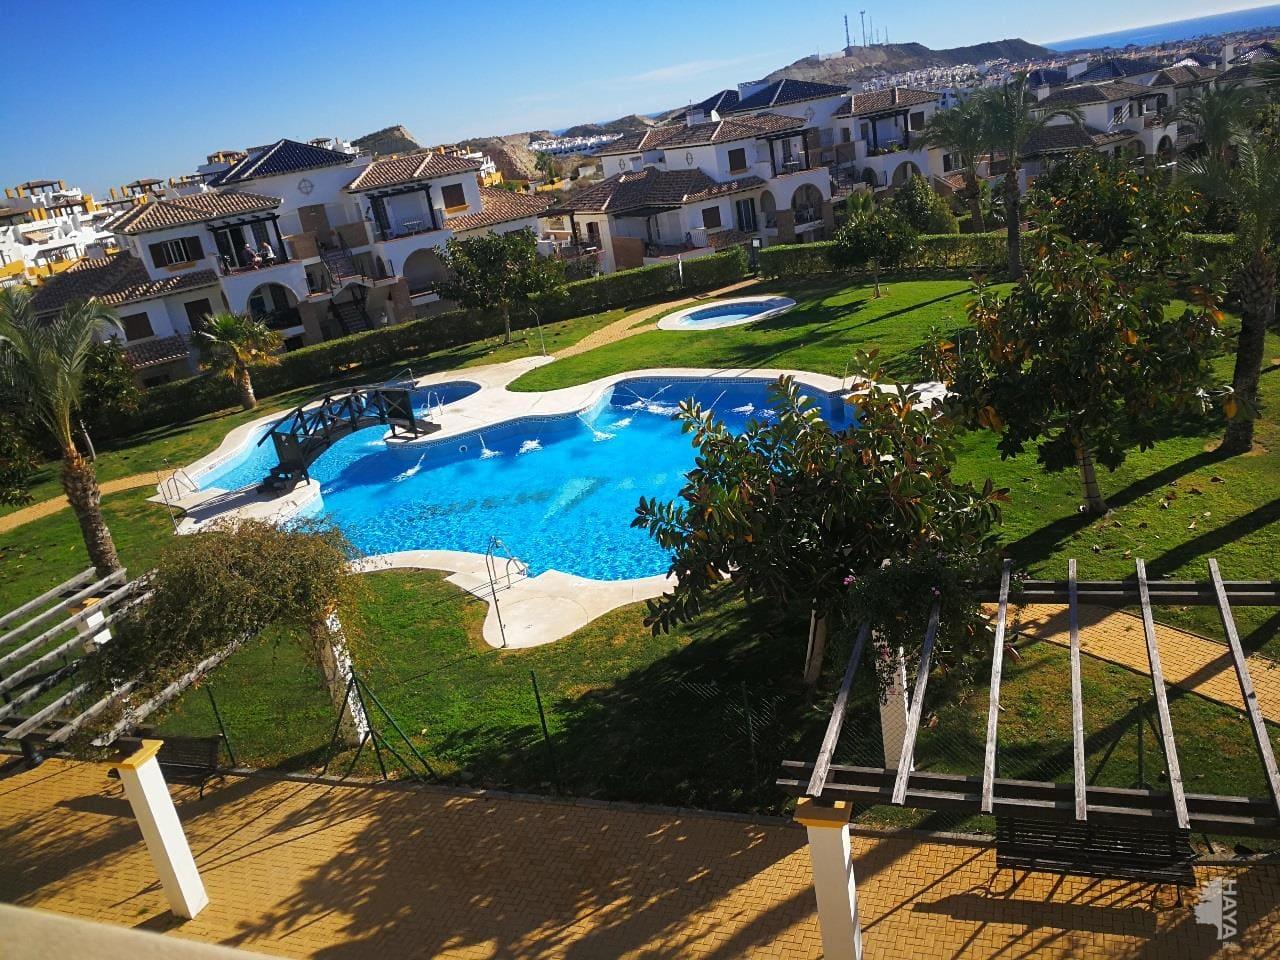 Piso en venta en Vera Playa, Vera, Almería, Calle Tomillo, 108.900 €, 2 habitaciones, 2 baños, 85 m2